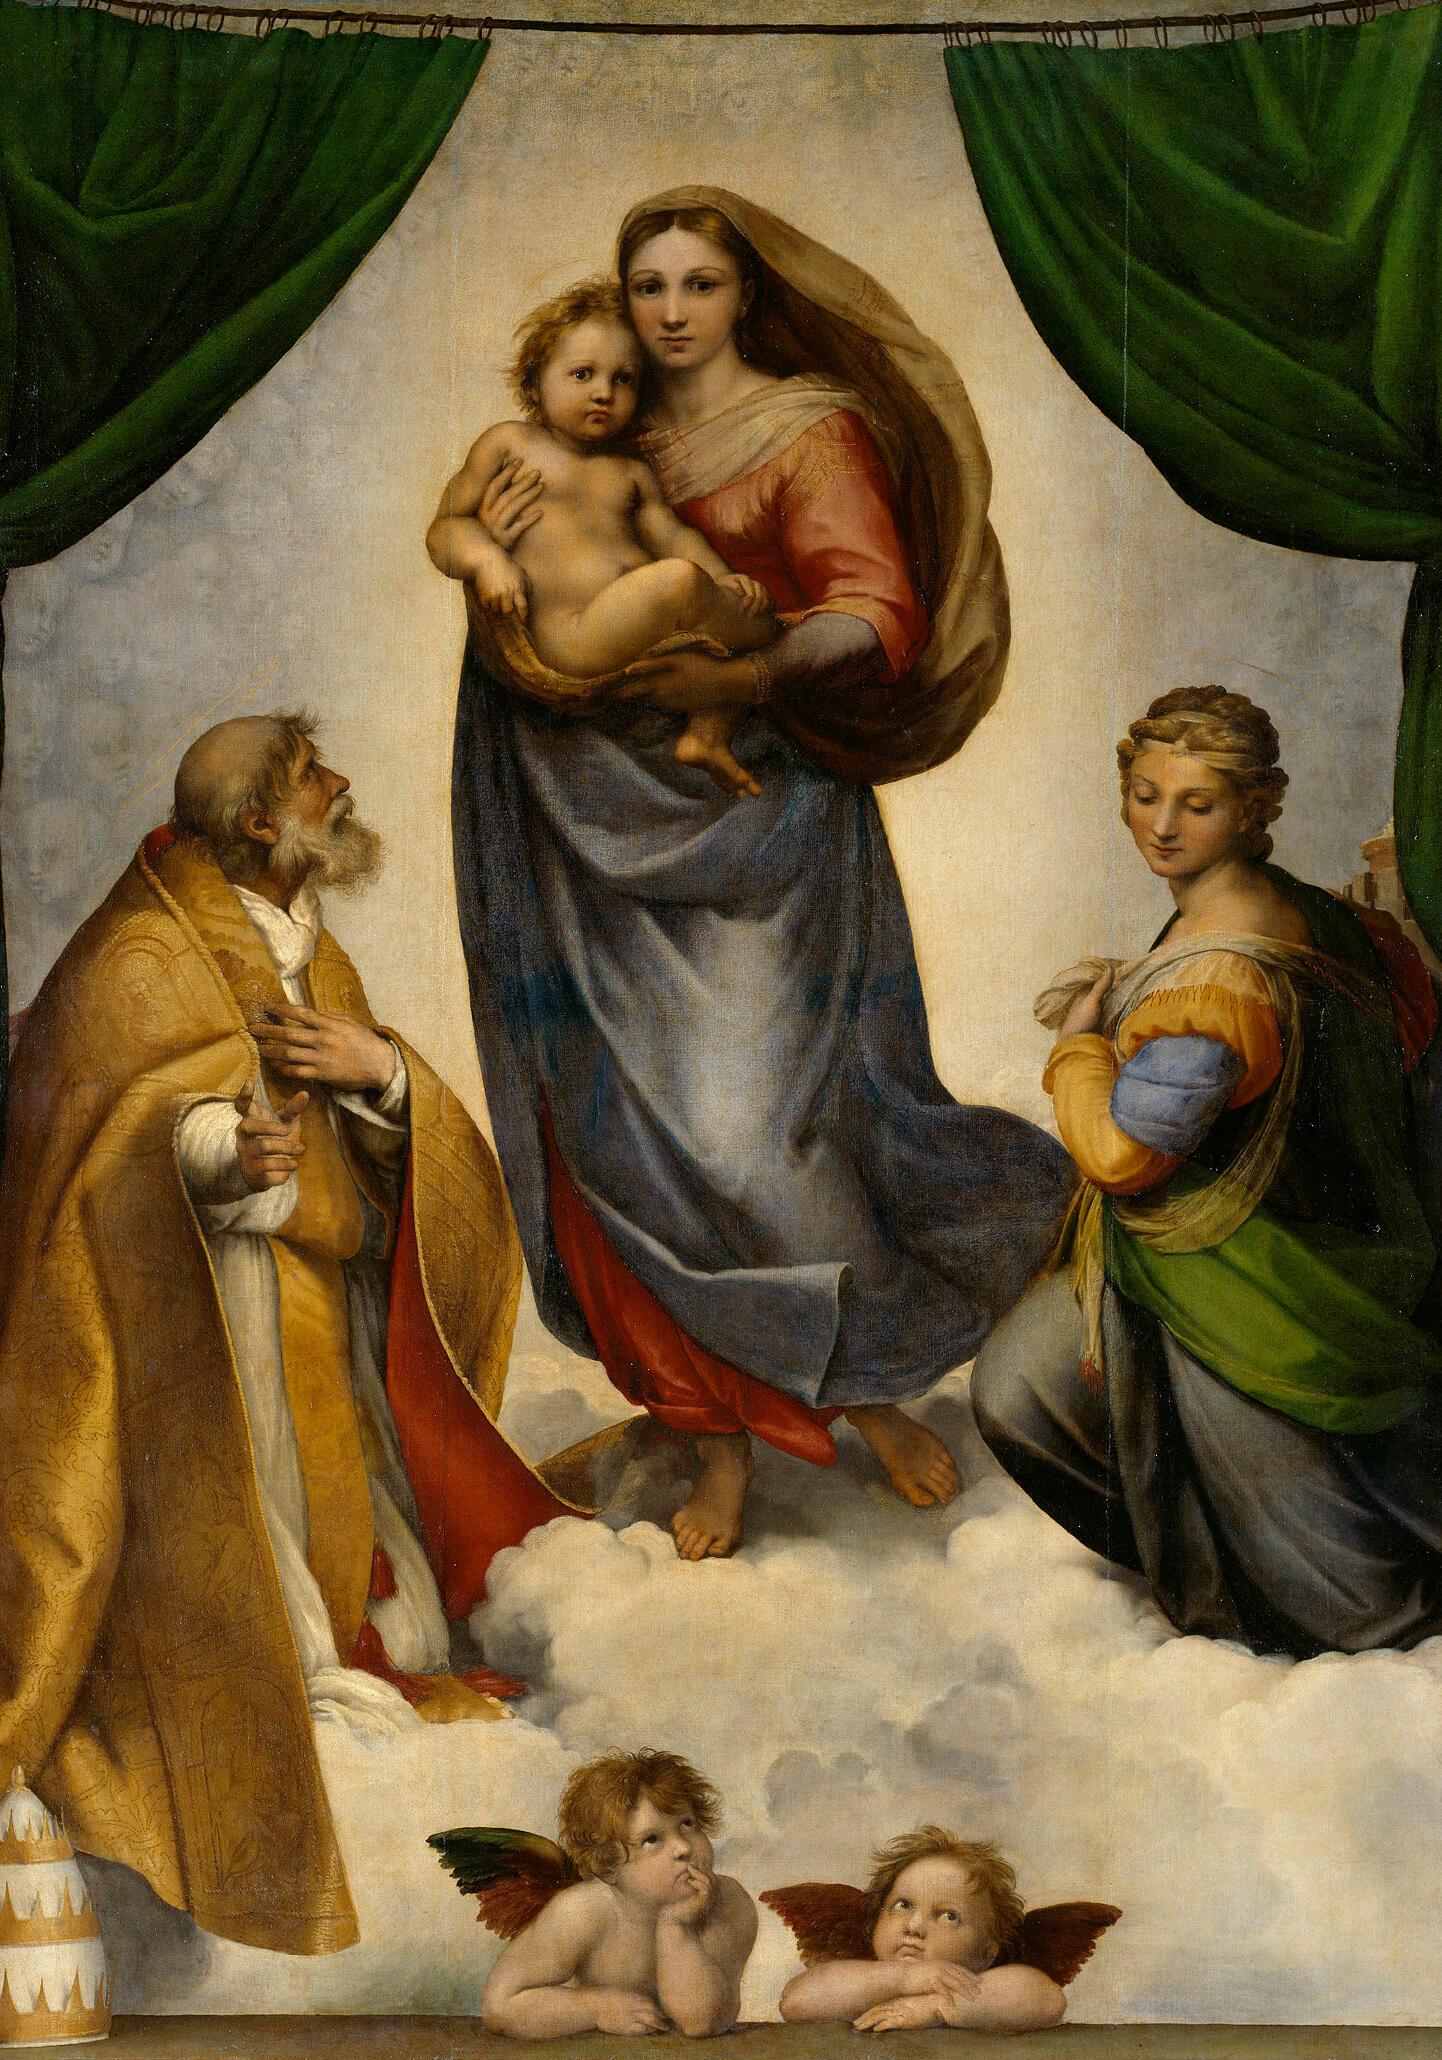 Berühmtes Bild aus der italienischen Renaissance - die Sixtinische Madonna